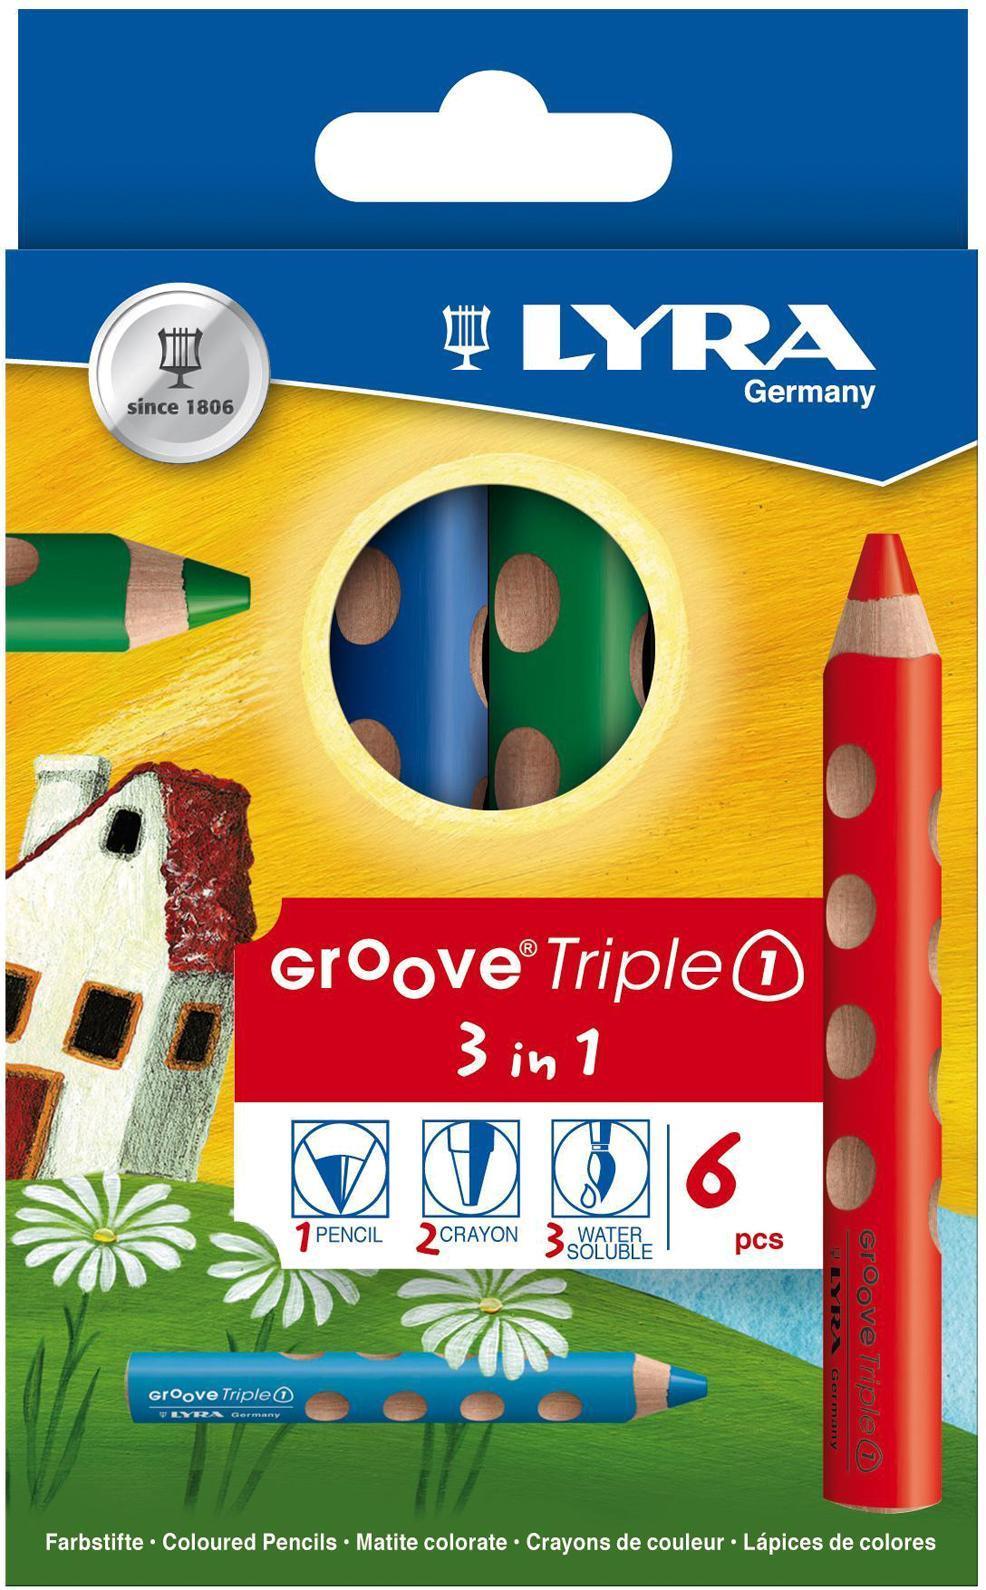 Набор карандашей Lyra 3 в 1 Triple One, 6 цветовL2821360Цветные карандаши 3 в 1 Lyra Triple One непременно, понравятся вашему юному художнику. Набор включает в себя 6 ярких насыщенных цветных карандаша 3 в 1: цветной карандаш, акварельный карандаш, восковый мелок. Имеют утолщенную треугольную форму с эргономичным захватом. Идеально подходит для раннего развития ребенка. Карандаши изготовлены из натурального сертифицированного дерева, экологически чистые. Имеют ударопрочный неломающийся высокопигментный грифель, не требующий сильного нажатия и легко затачиваются. Порадуйте своего ребенка таким восхитительным подарком! В комплекте: 6 карандашей 3 в 1.